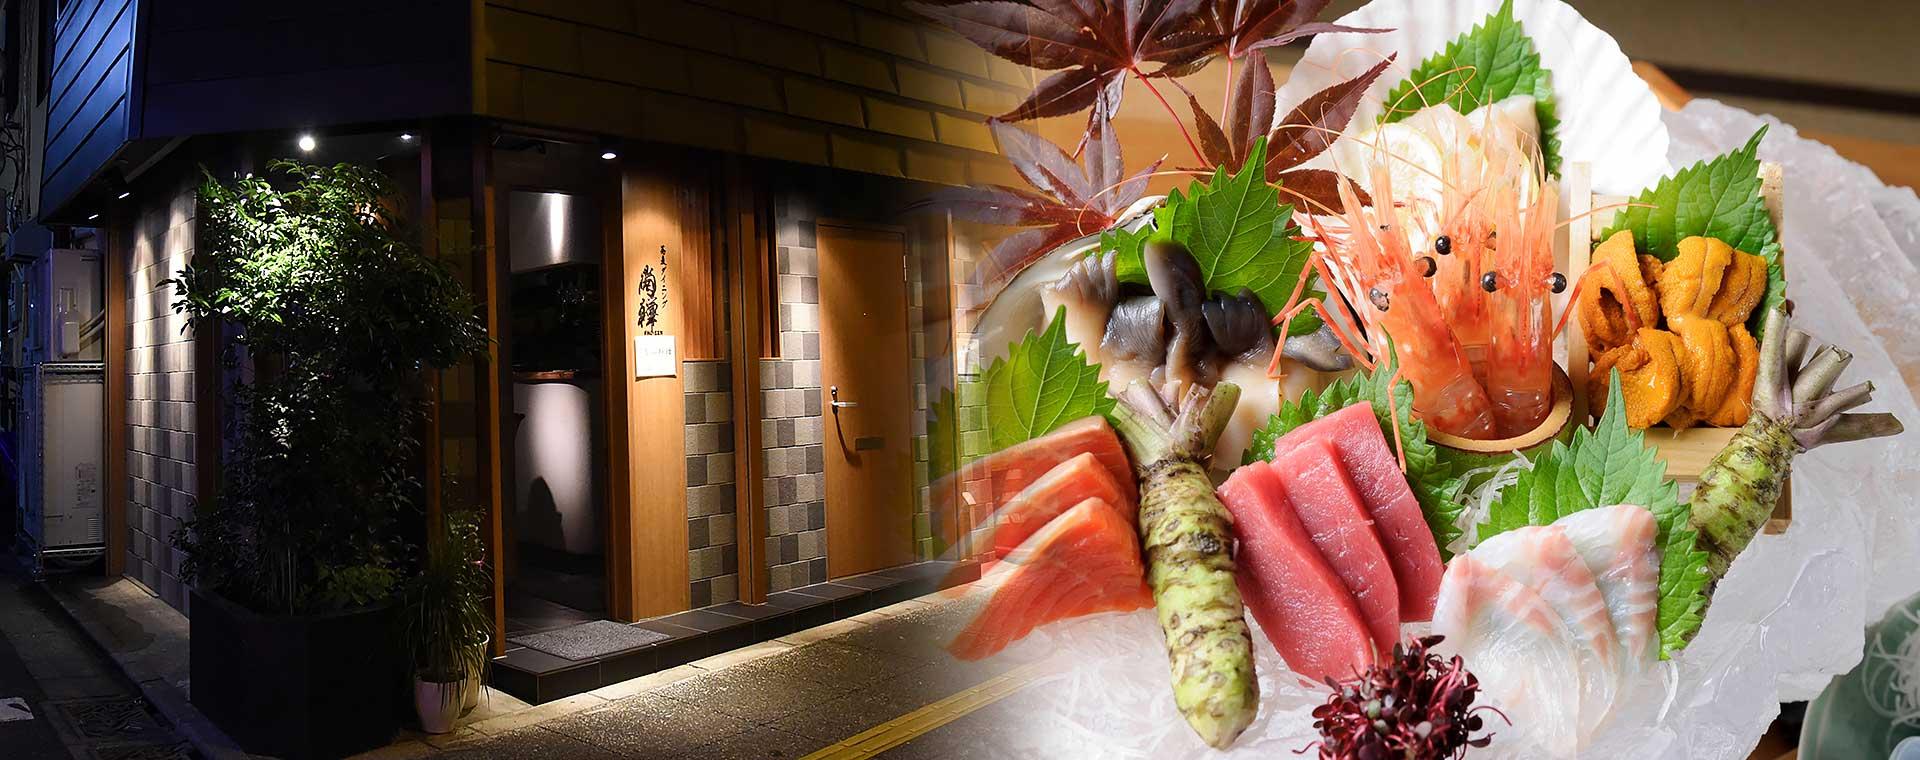 松陰神社前・蕎麦ダイニング 尚禅:スライドショー01(店外観/お刺身)